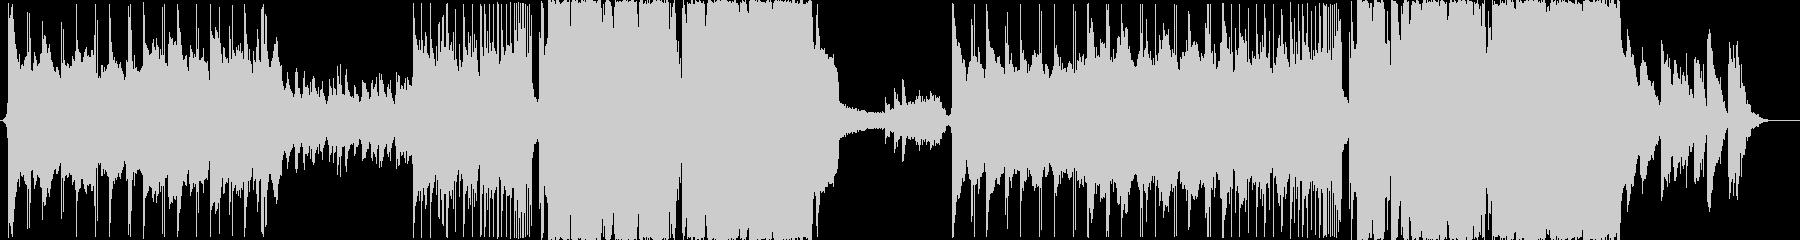 冷たい感じのエピックEDM調BGMの未再生の波形